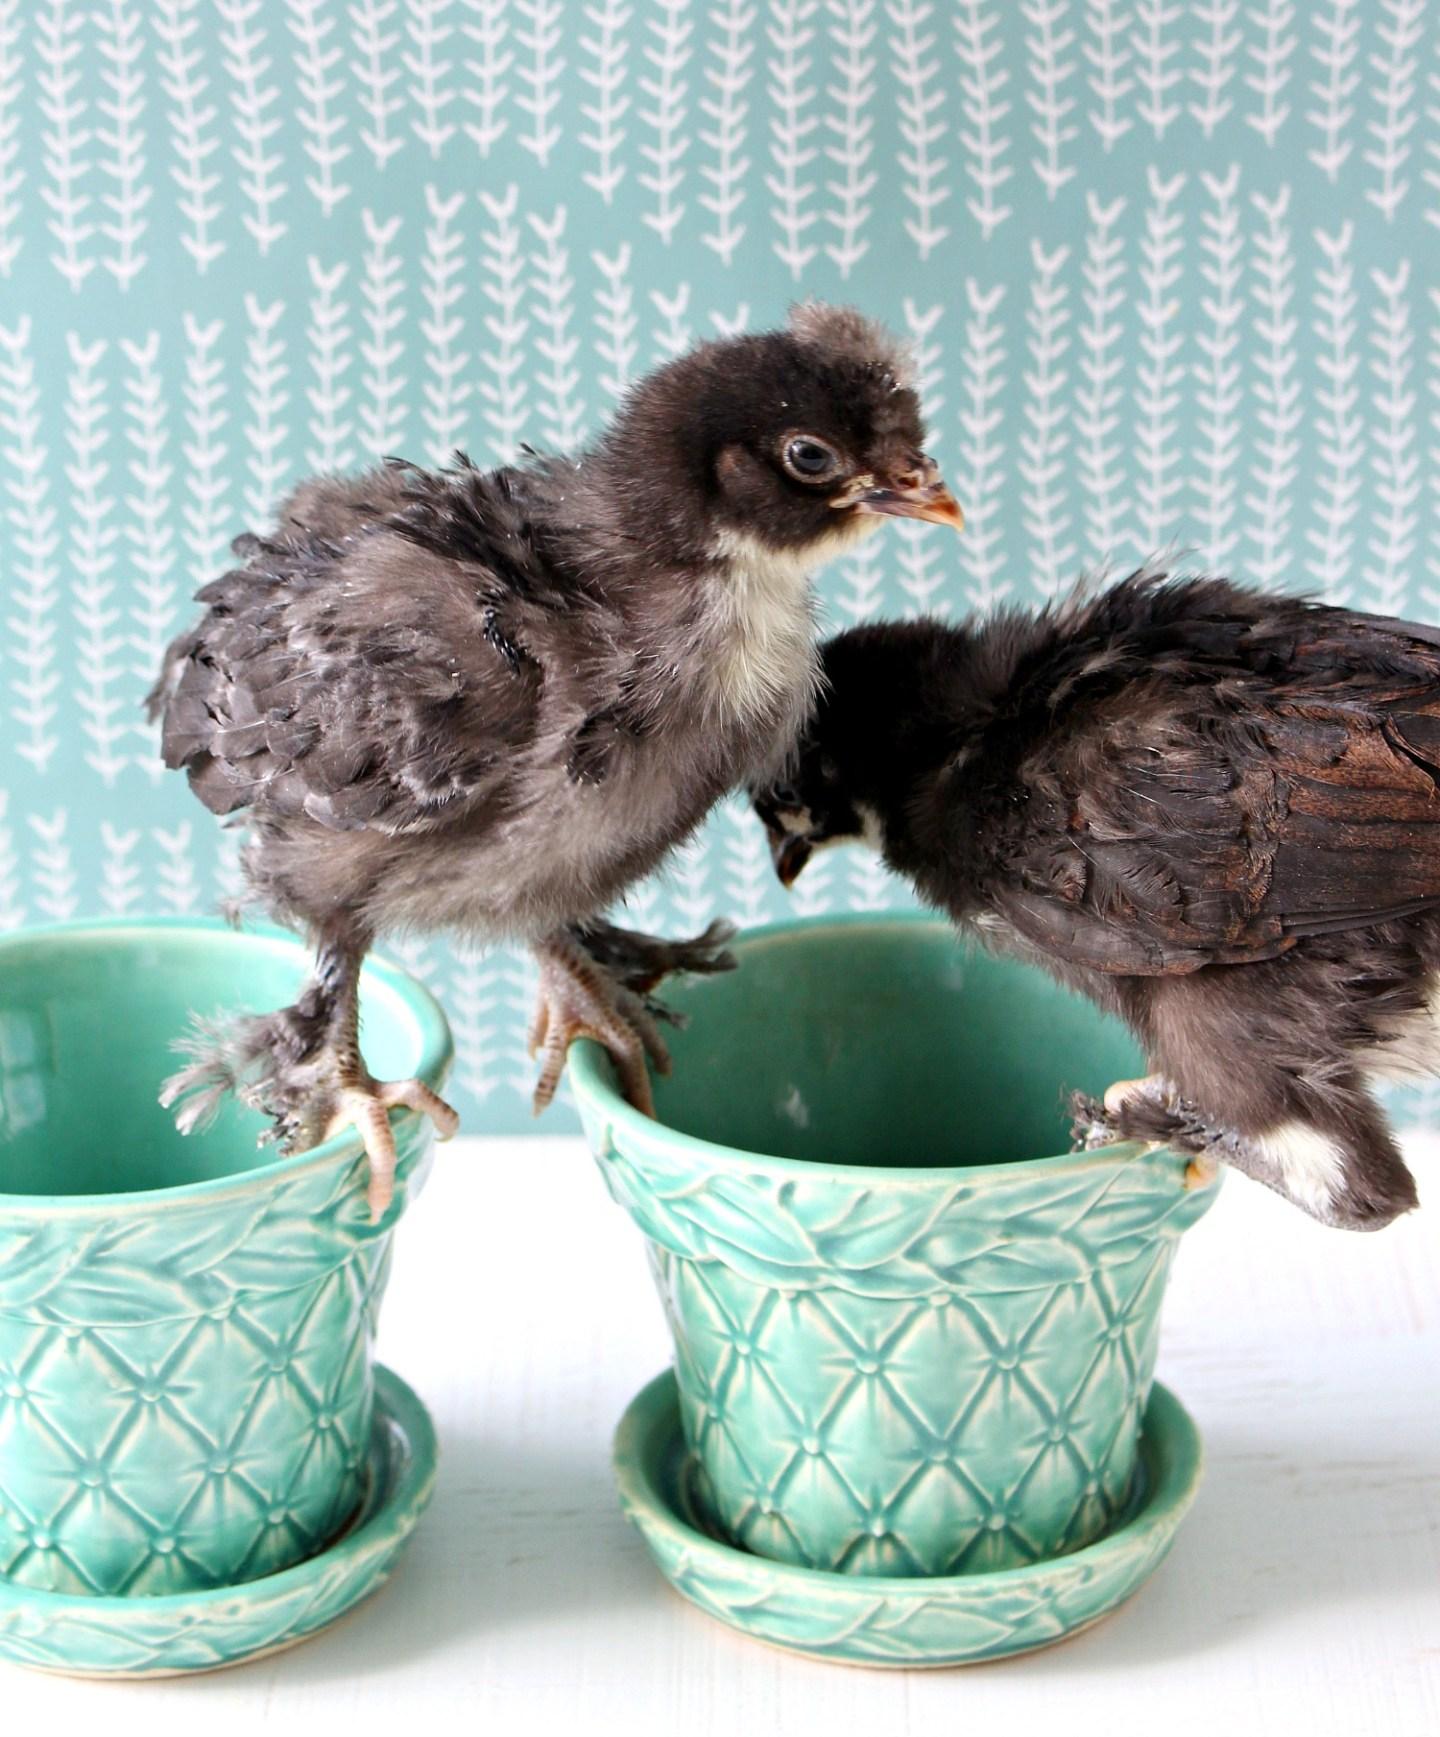 Copper Maran Chicks